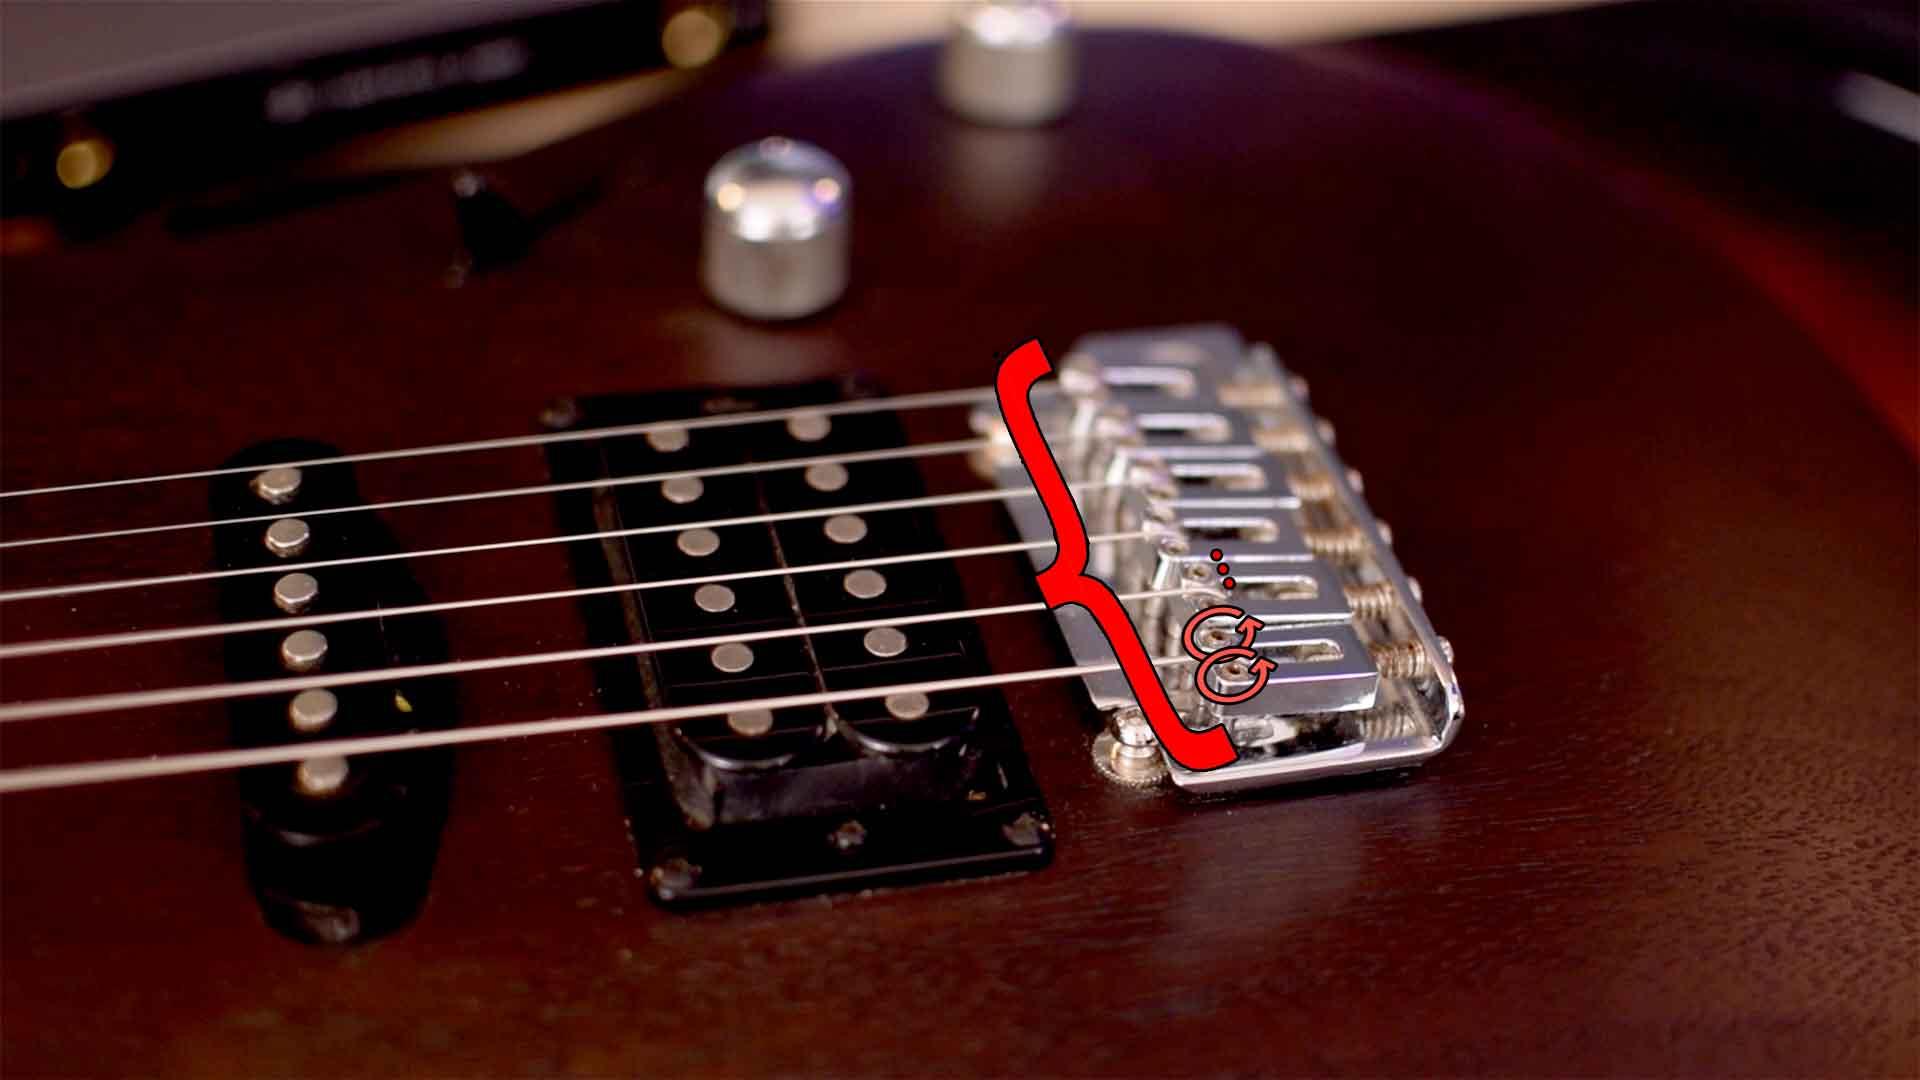 Altura de cuerdas - Guitarras baratas